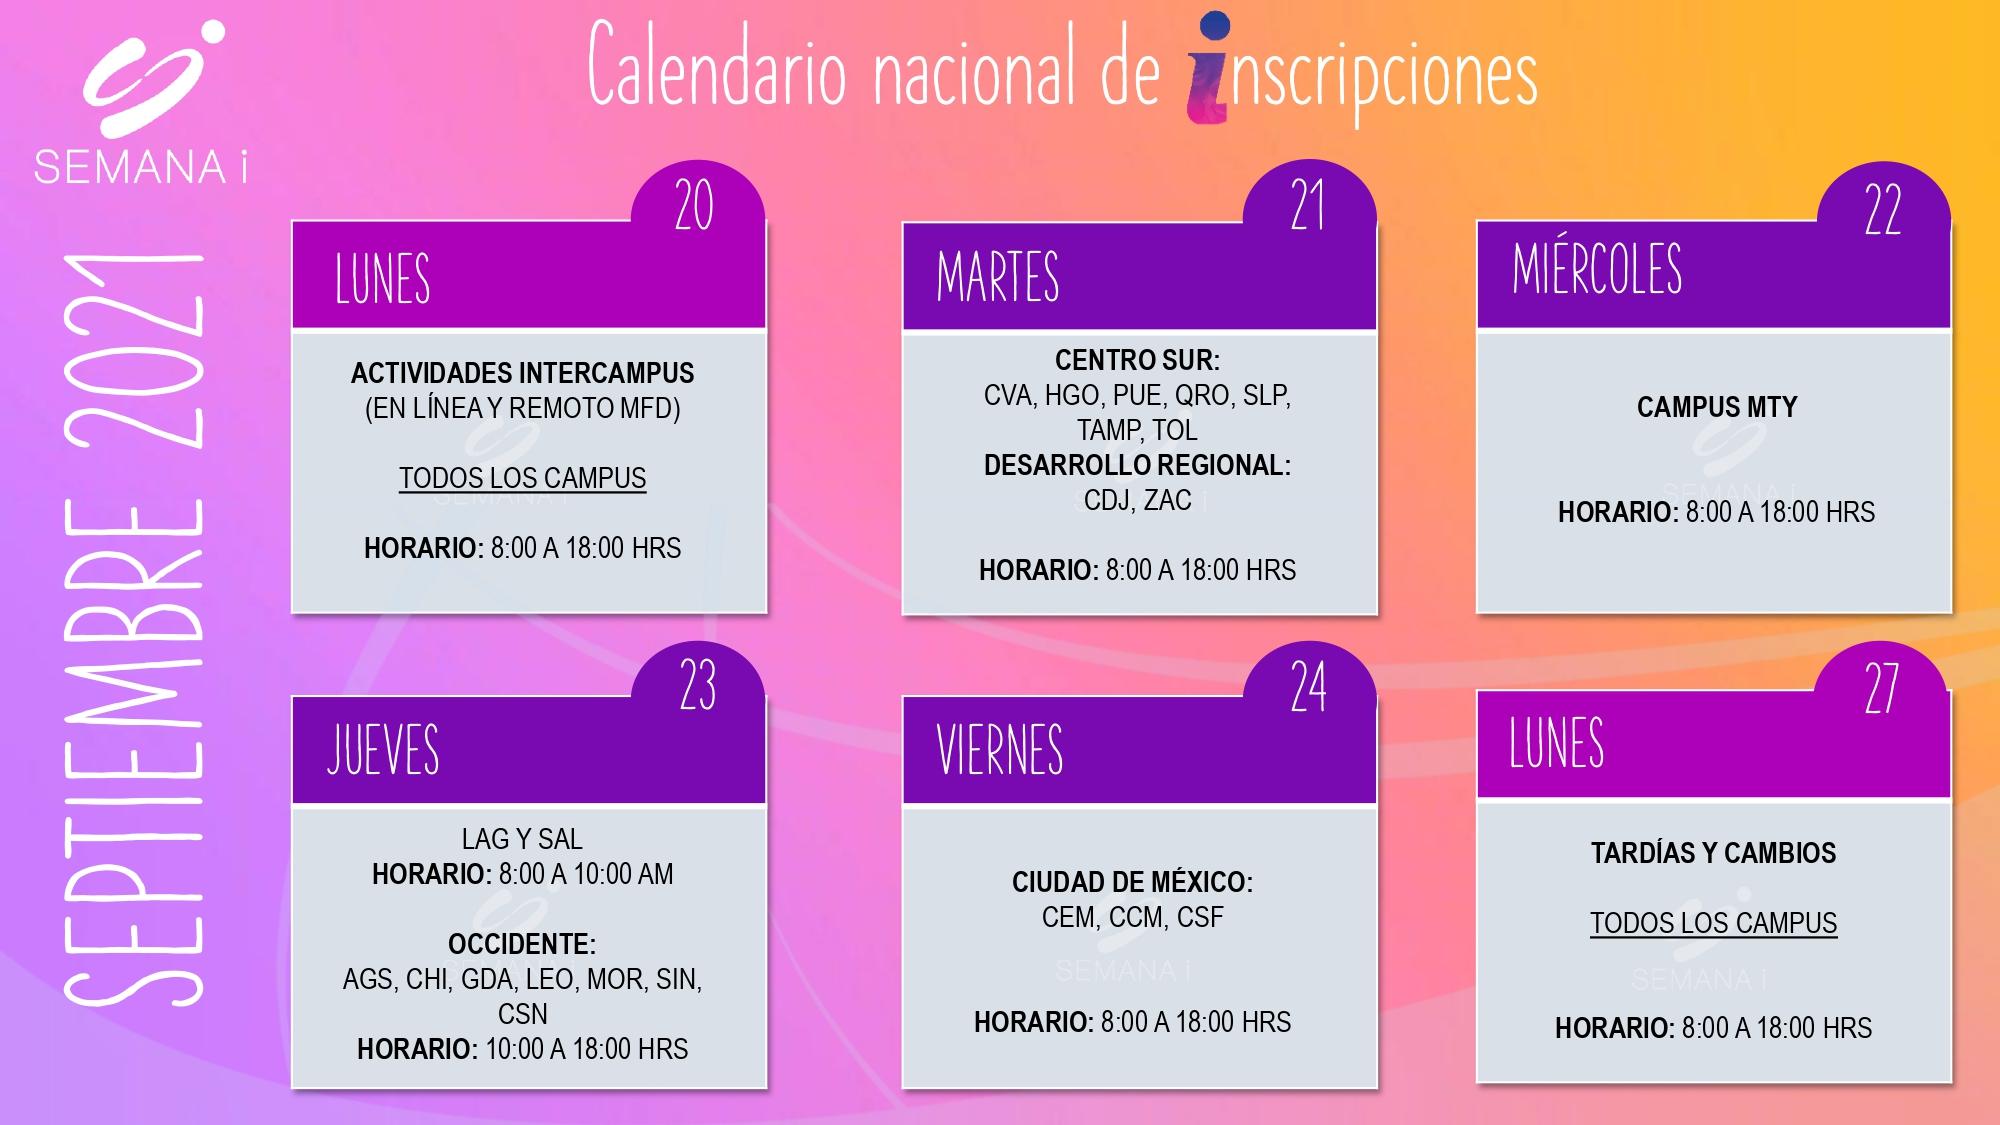 horario-inscripciones-semanai2021.jpg